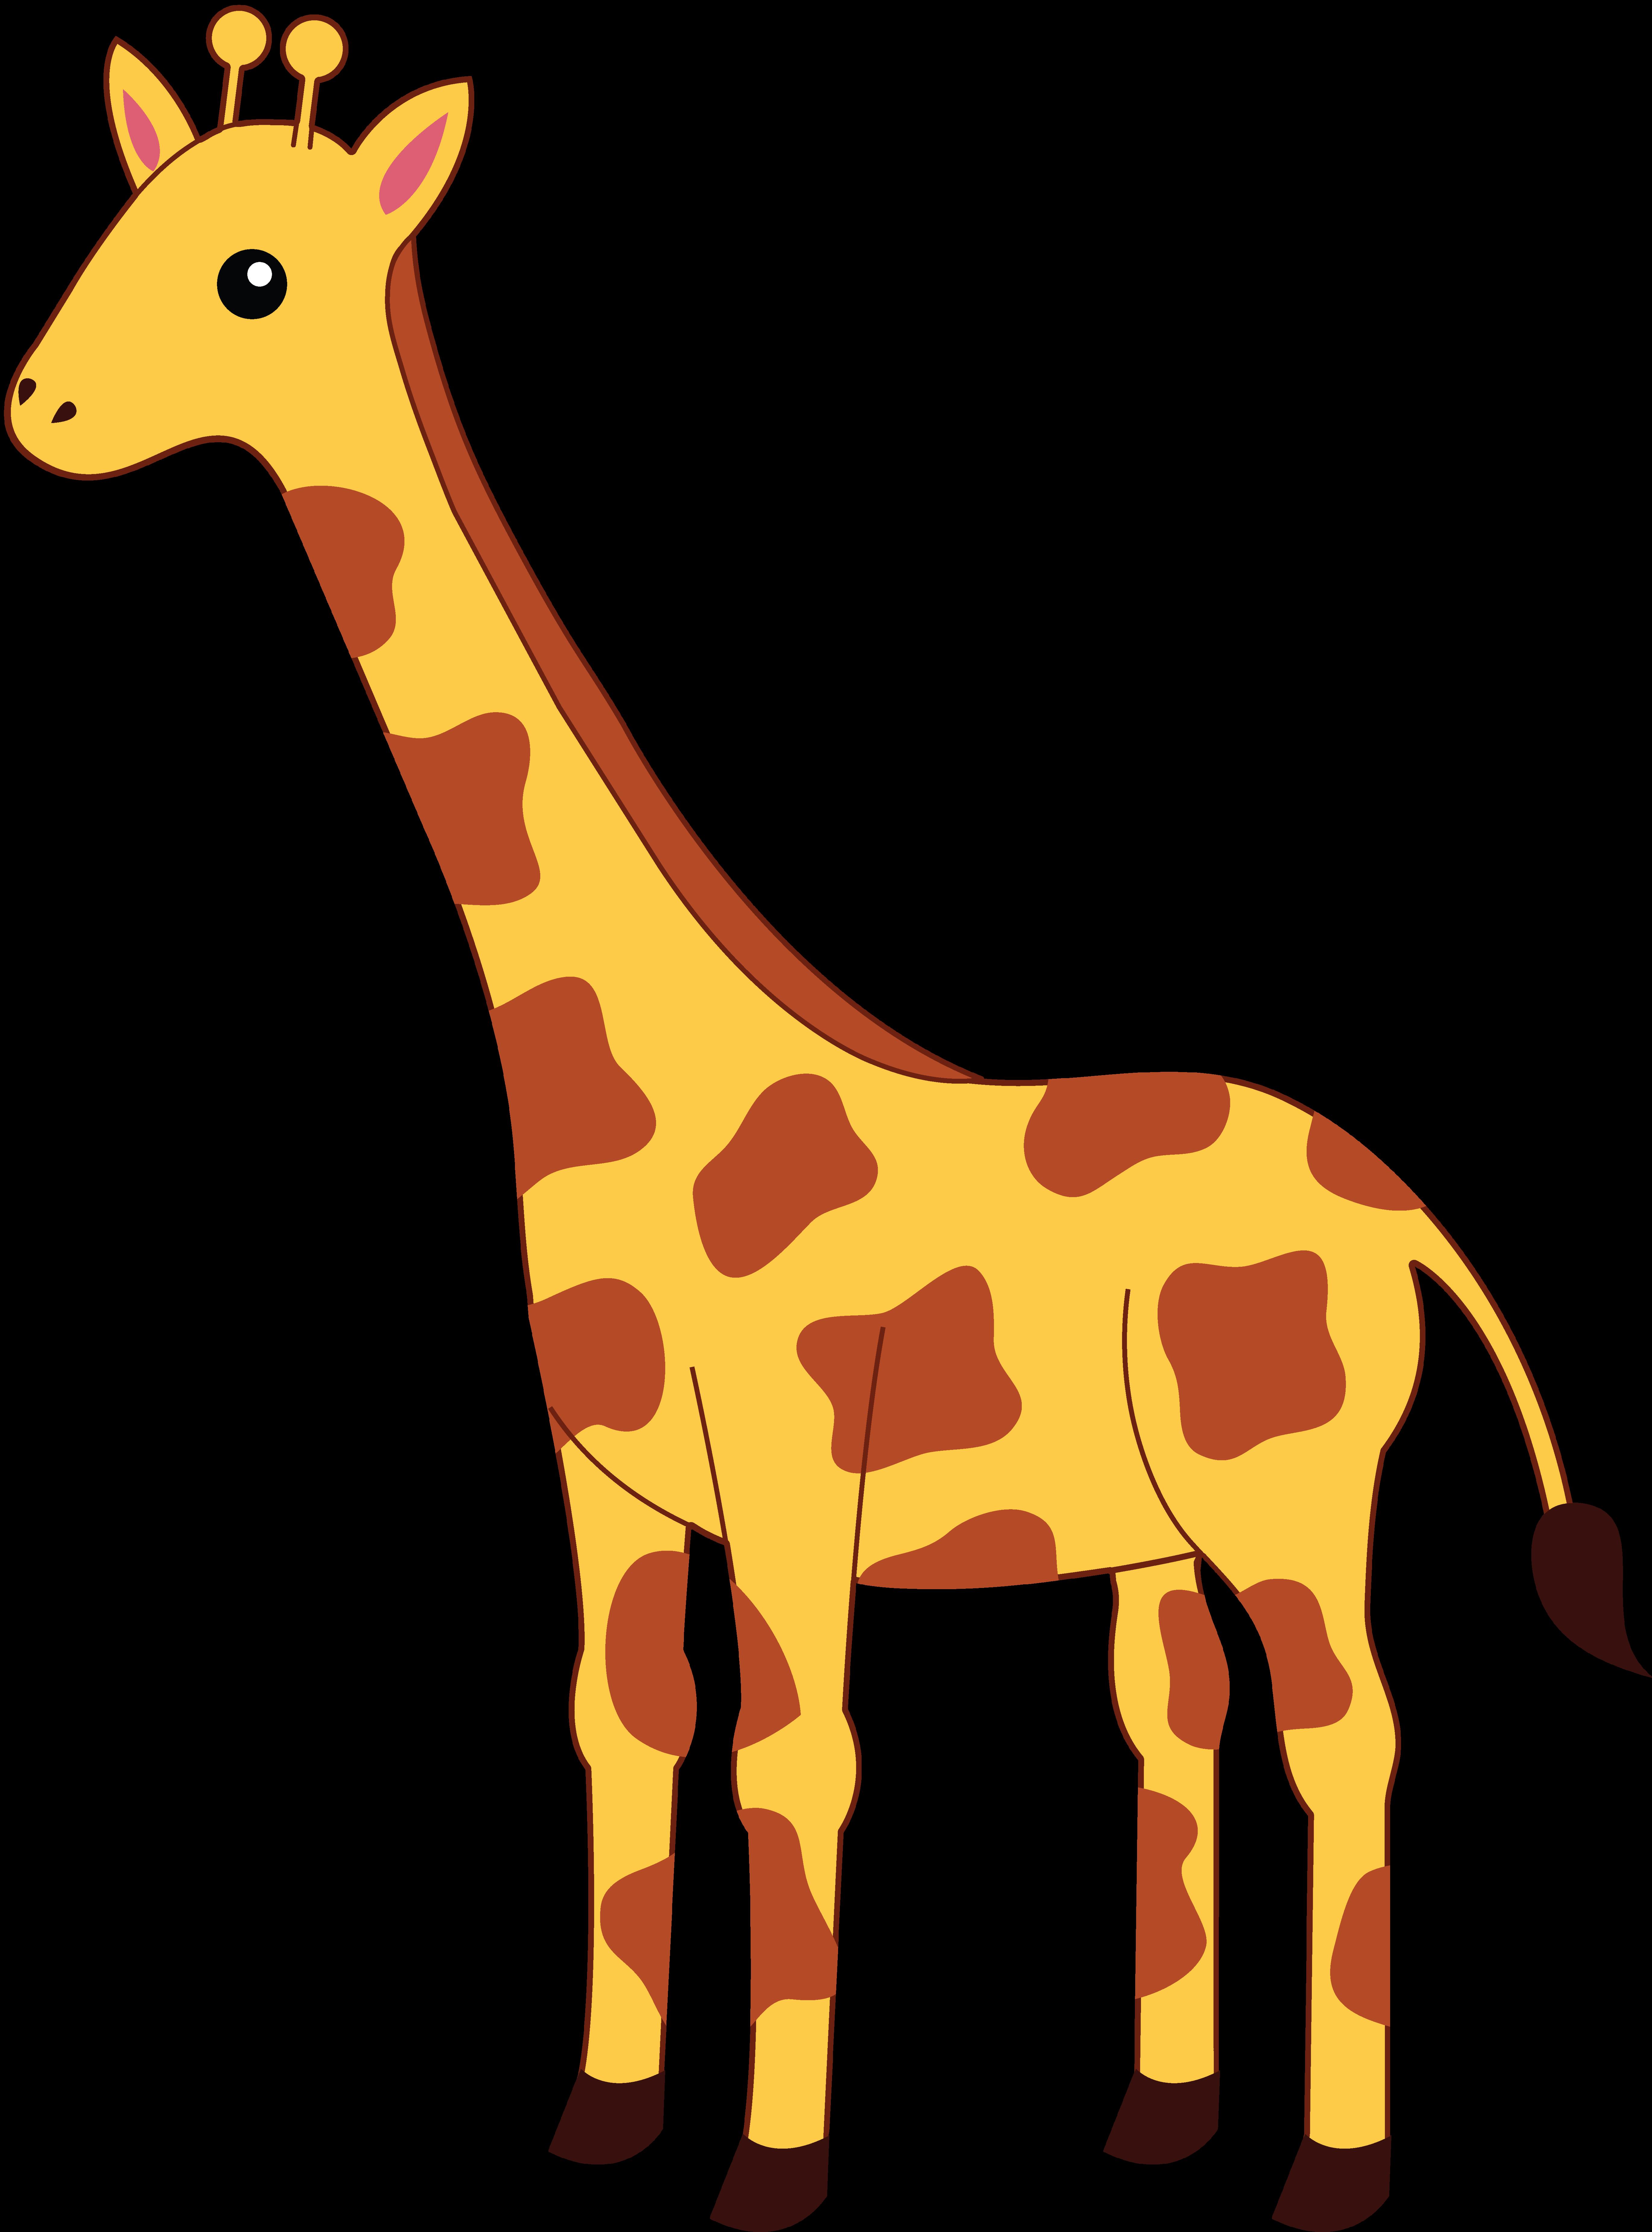 Giraffe Clipart Clipart Free ... 316fb08-Giraffe clipart clipart free ... 316fb08e0e213877e9395dd4928135 .-16